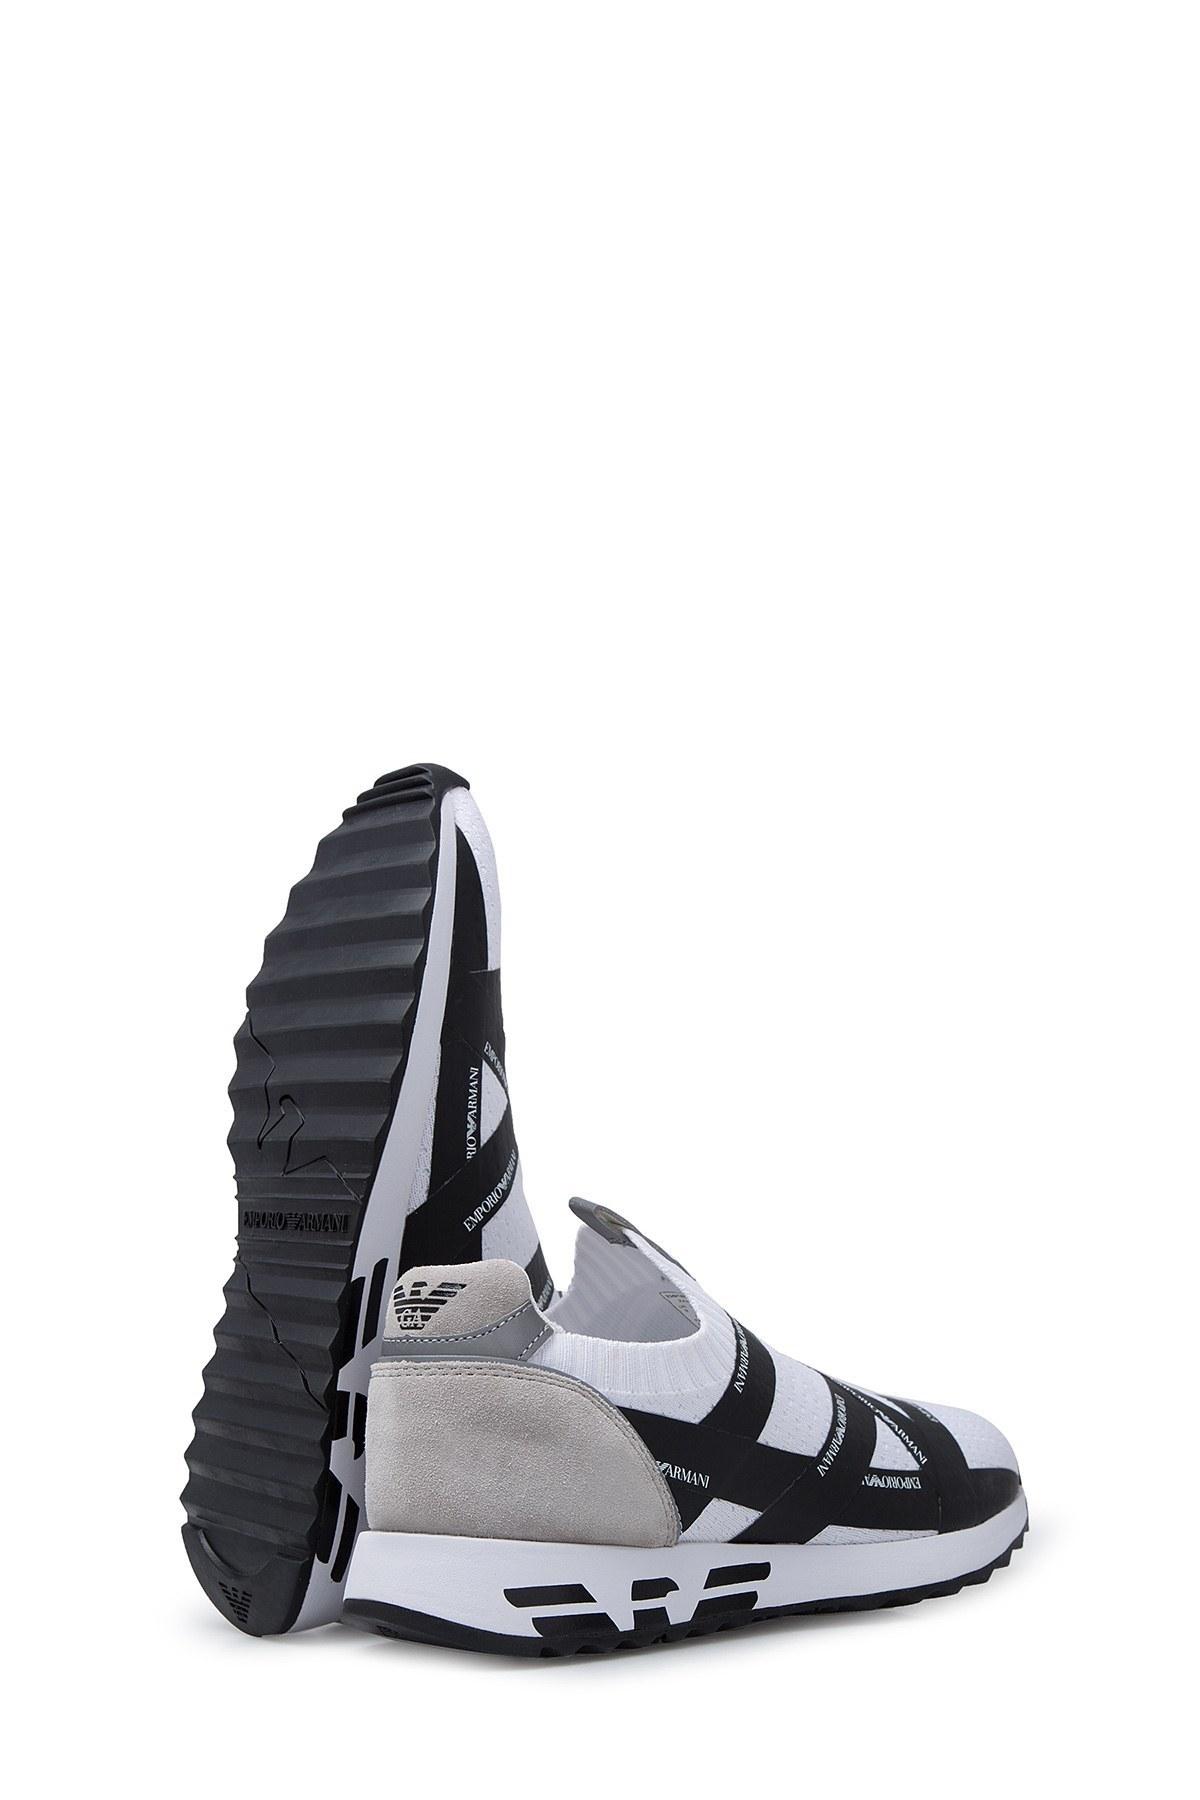 Emporio Armani Erkek Ayakkabı X4X253 XL692 D237 BEYAZ-LACİVERT